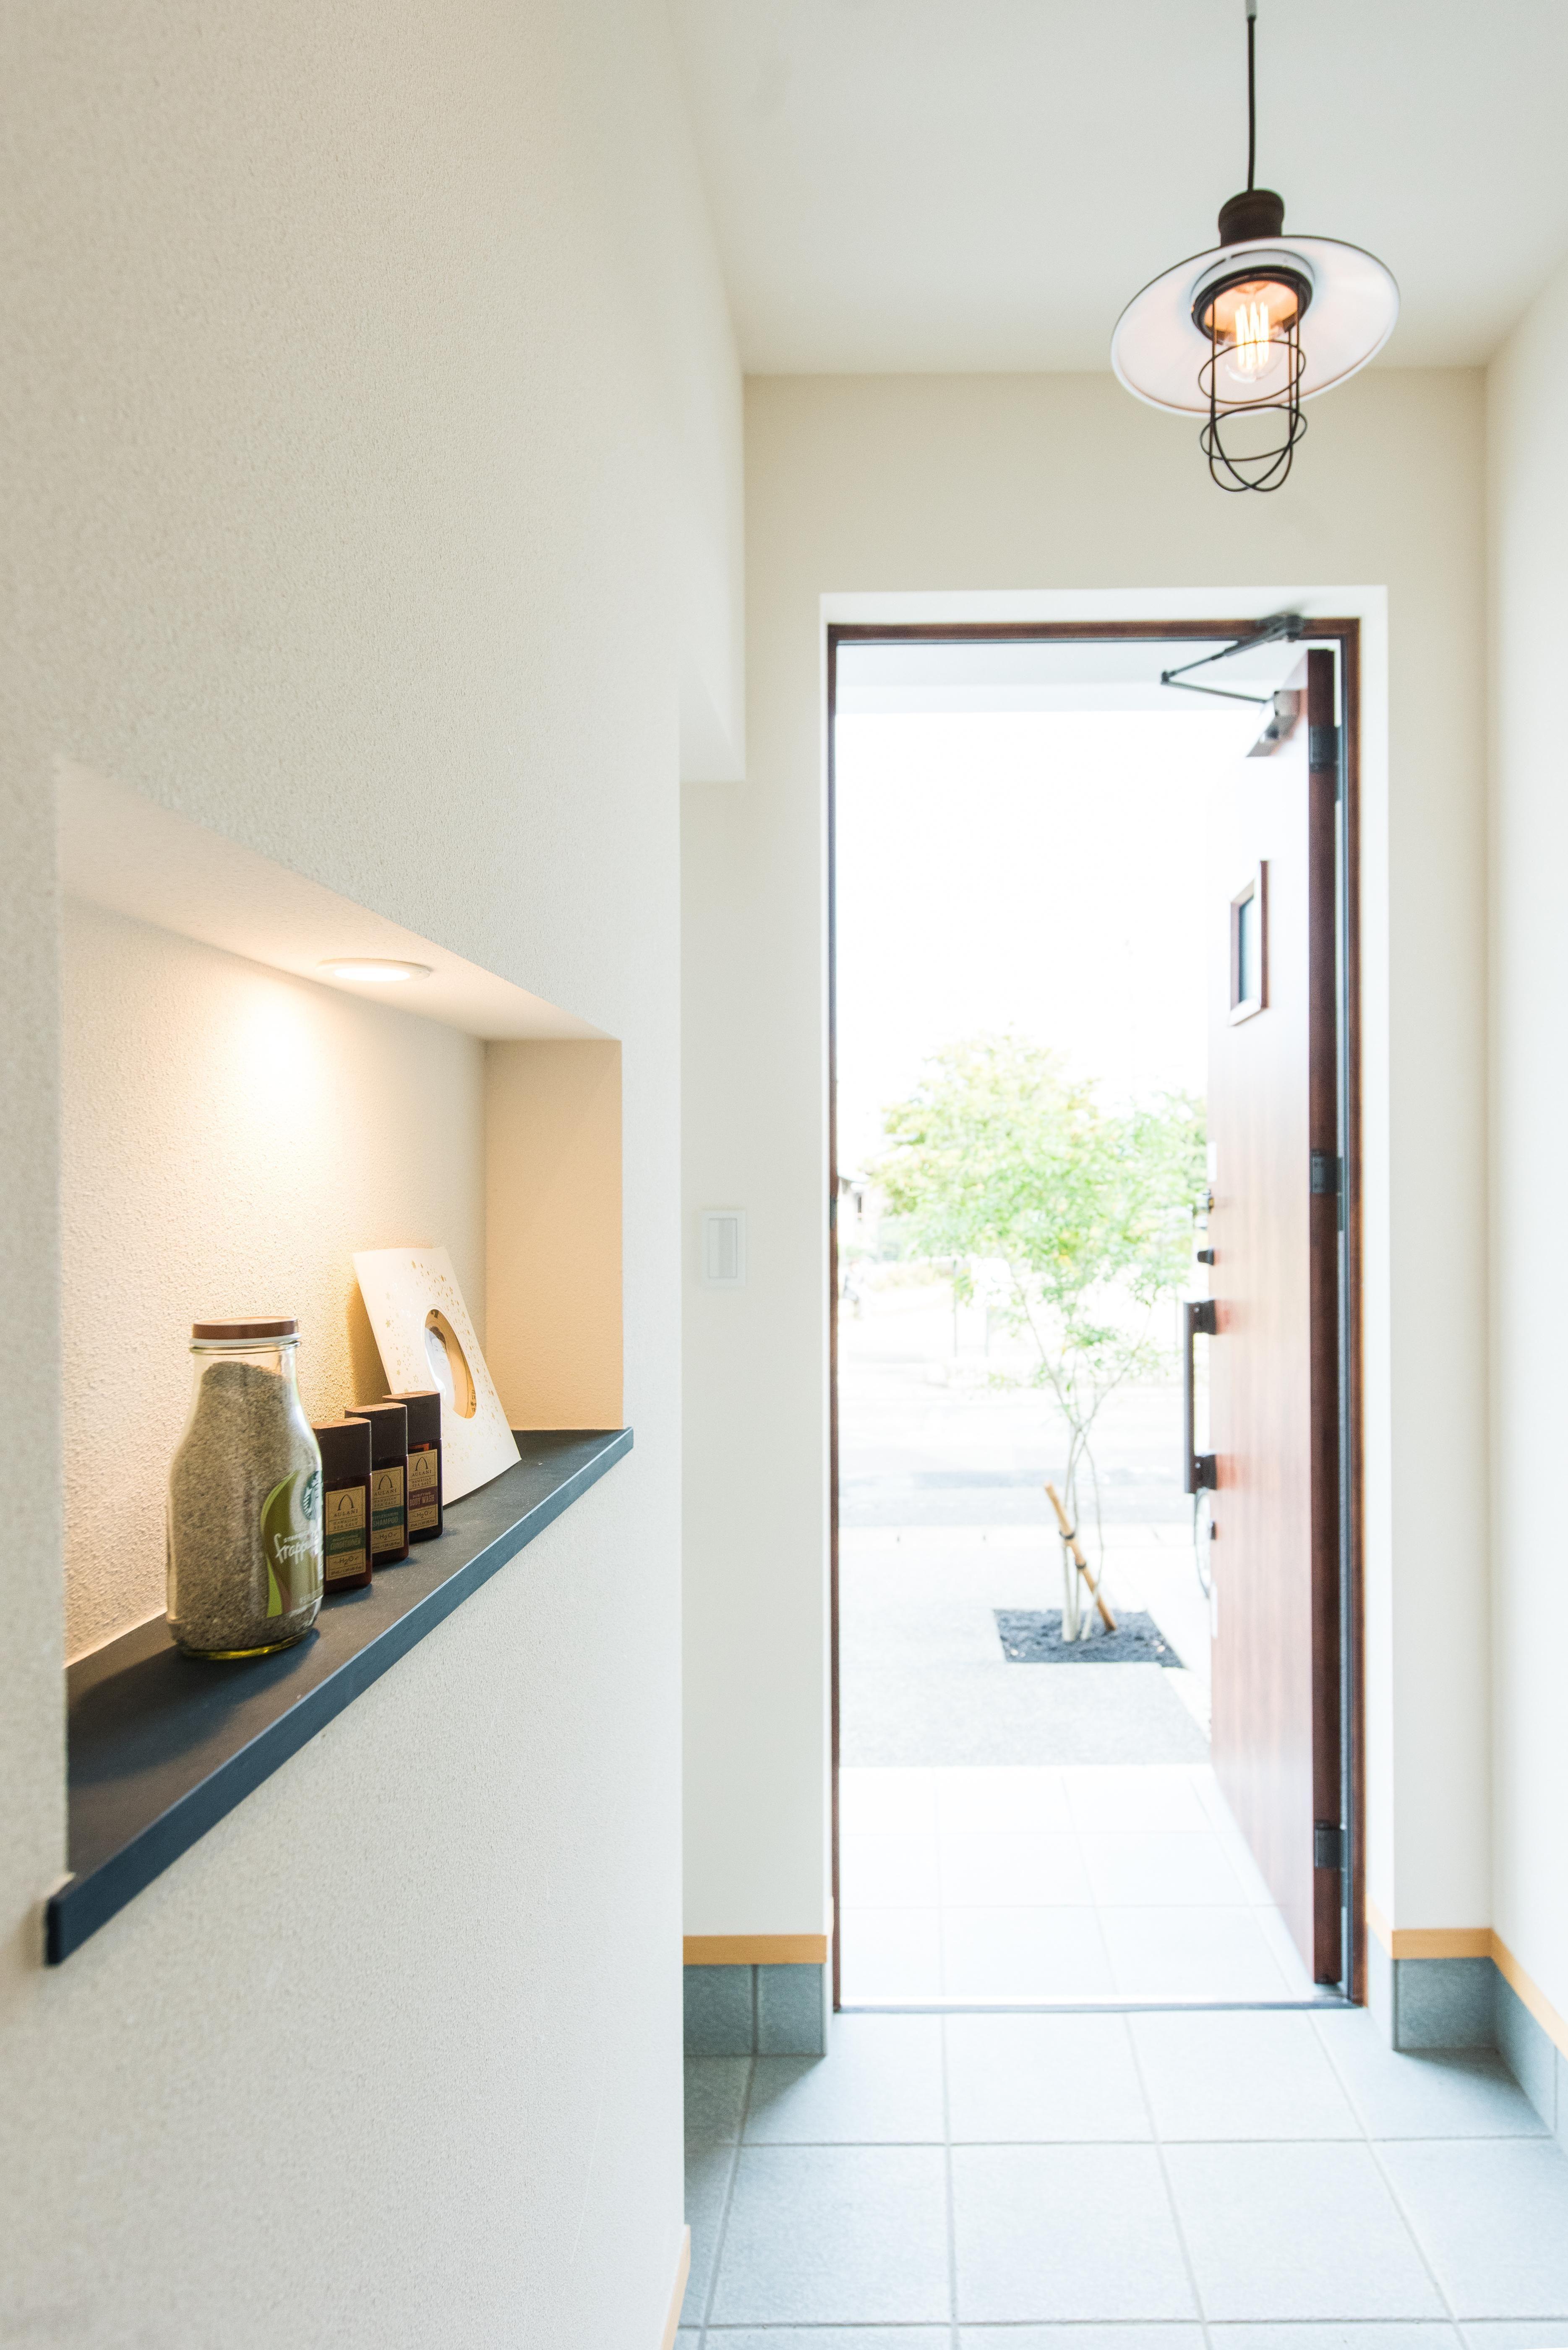 玄関のニッチスペース リビング吹き抜けの家 玄関事例 Suvaco スバコ 家 玄関 ニッチ